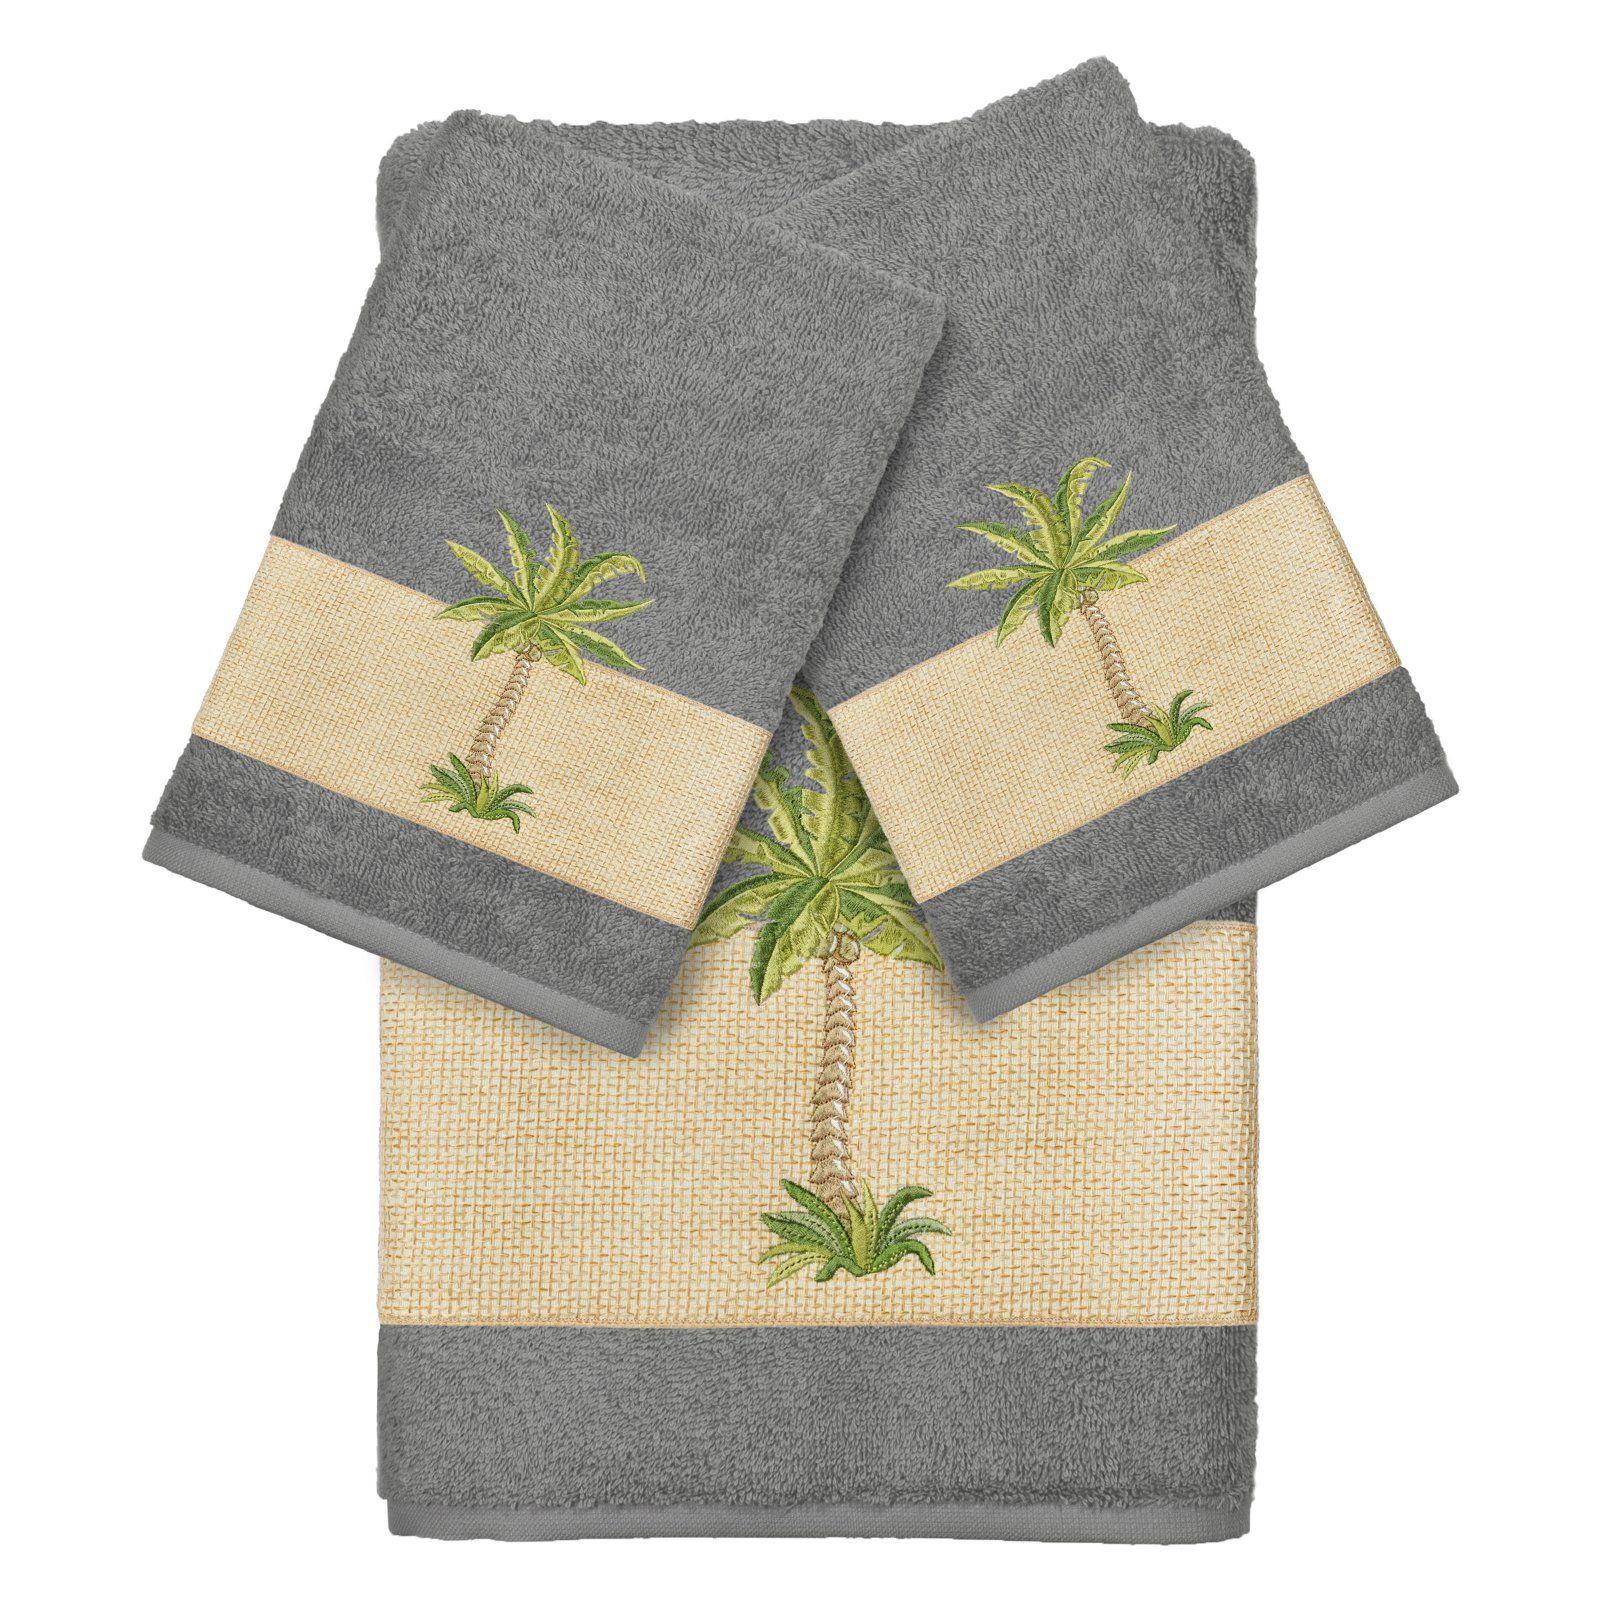 Bath Towels Linum Home Textiles Colton Embellished 3 Set Premium Turkish Cotton